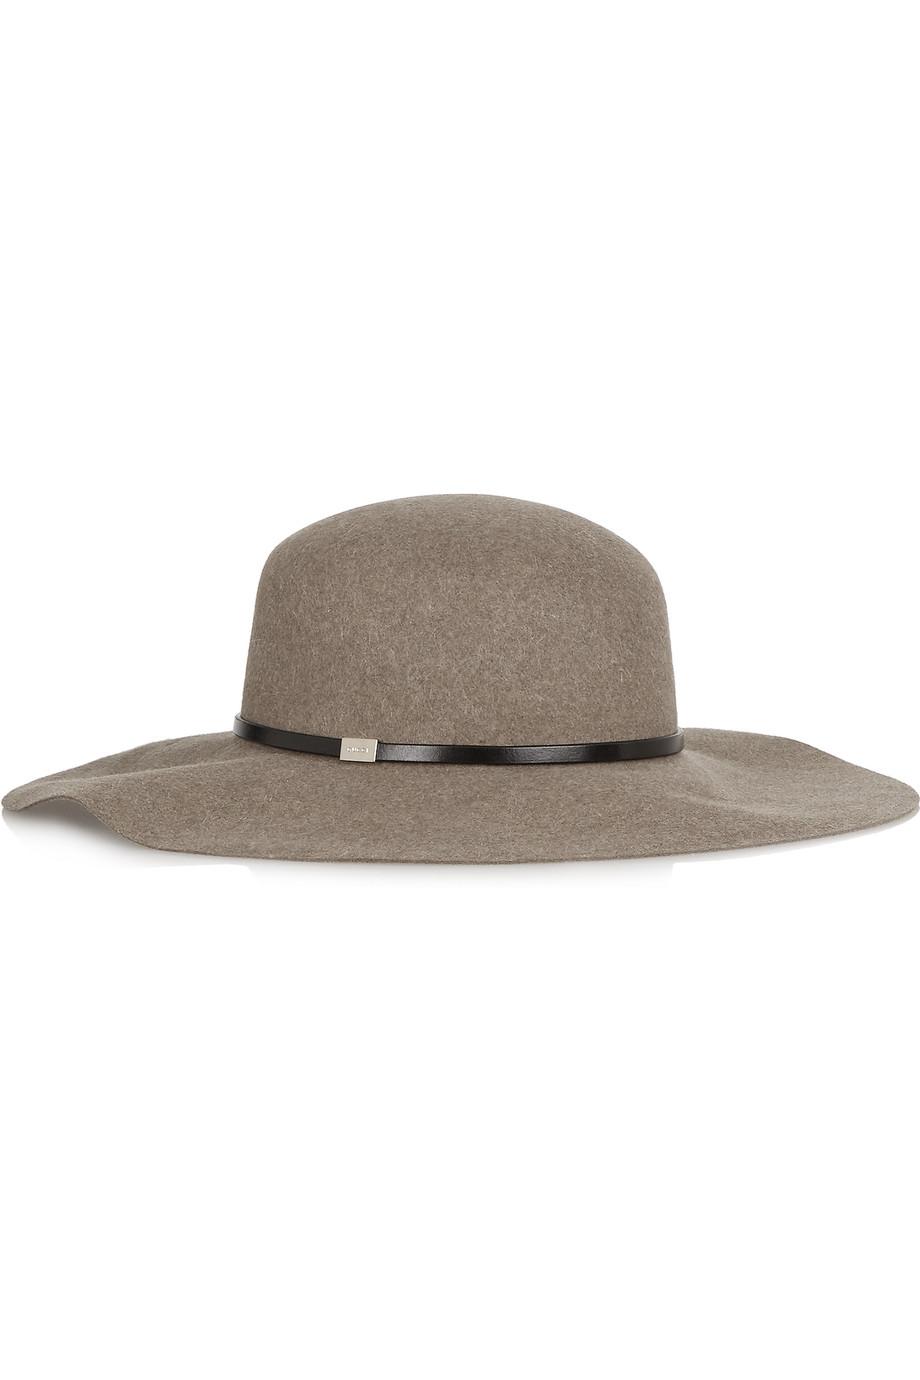 Gucci - Chapeau